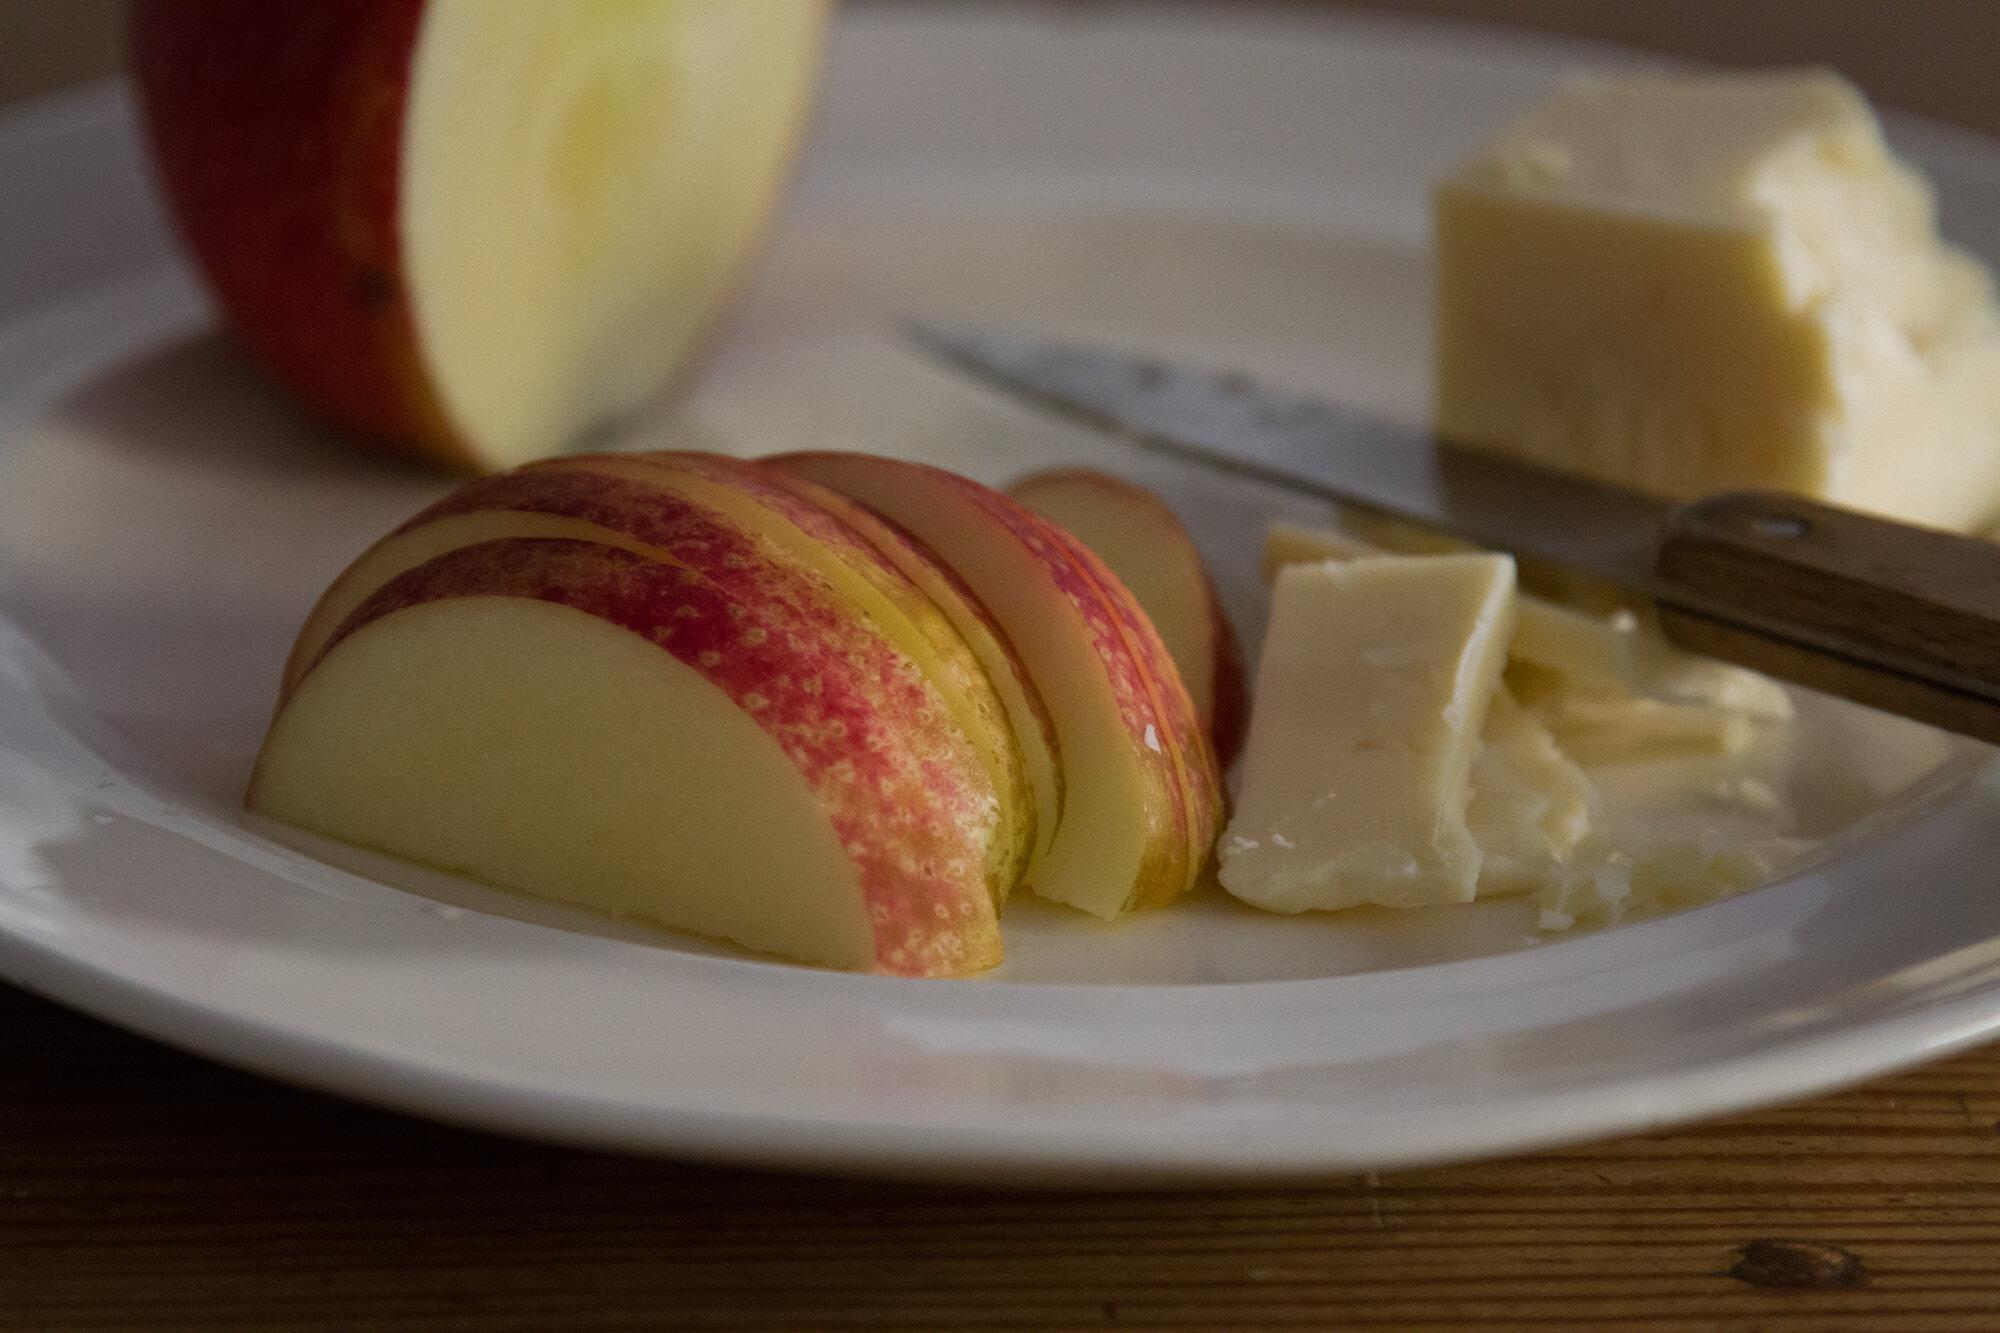 apples_reading_my_tea_leaves_img_4605